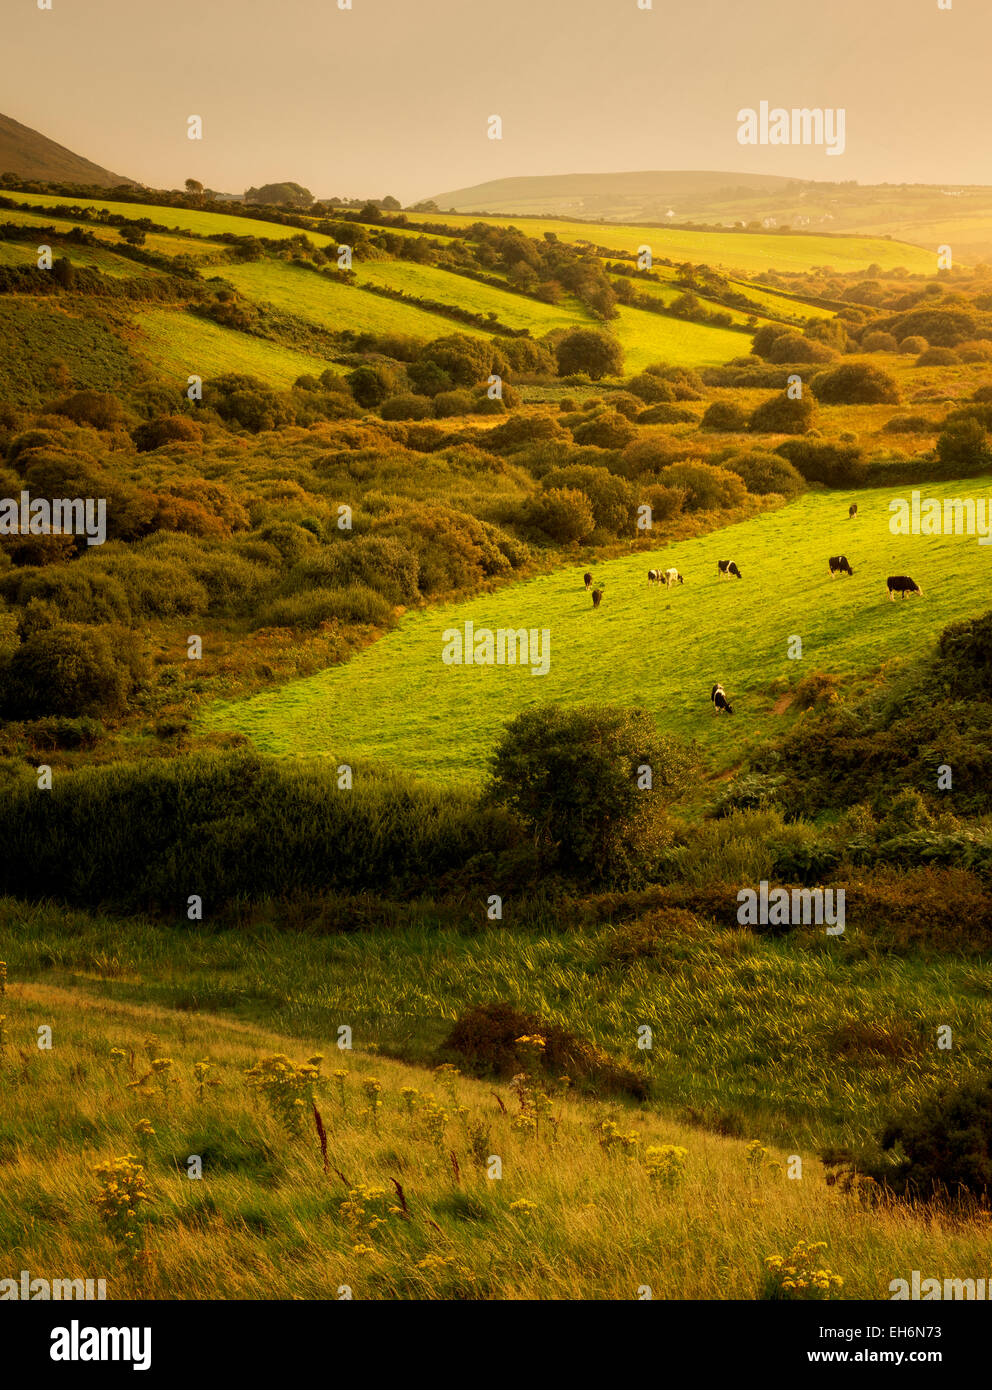 Scène pastorale avec des vaches et des pâturages. La péninsule de Dingle. L'Irlande Photo Stock